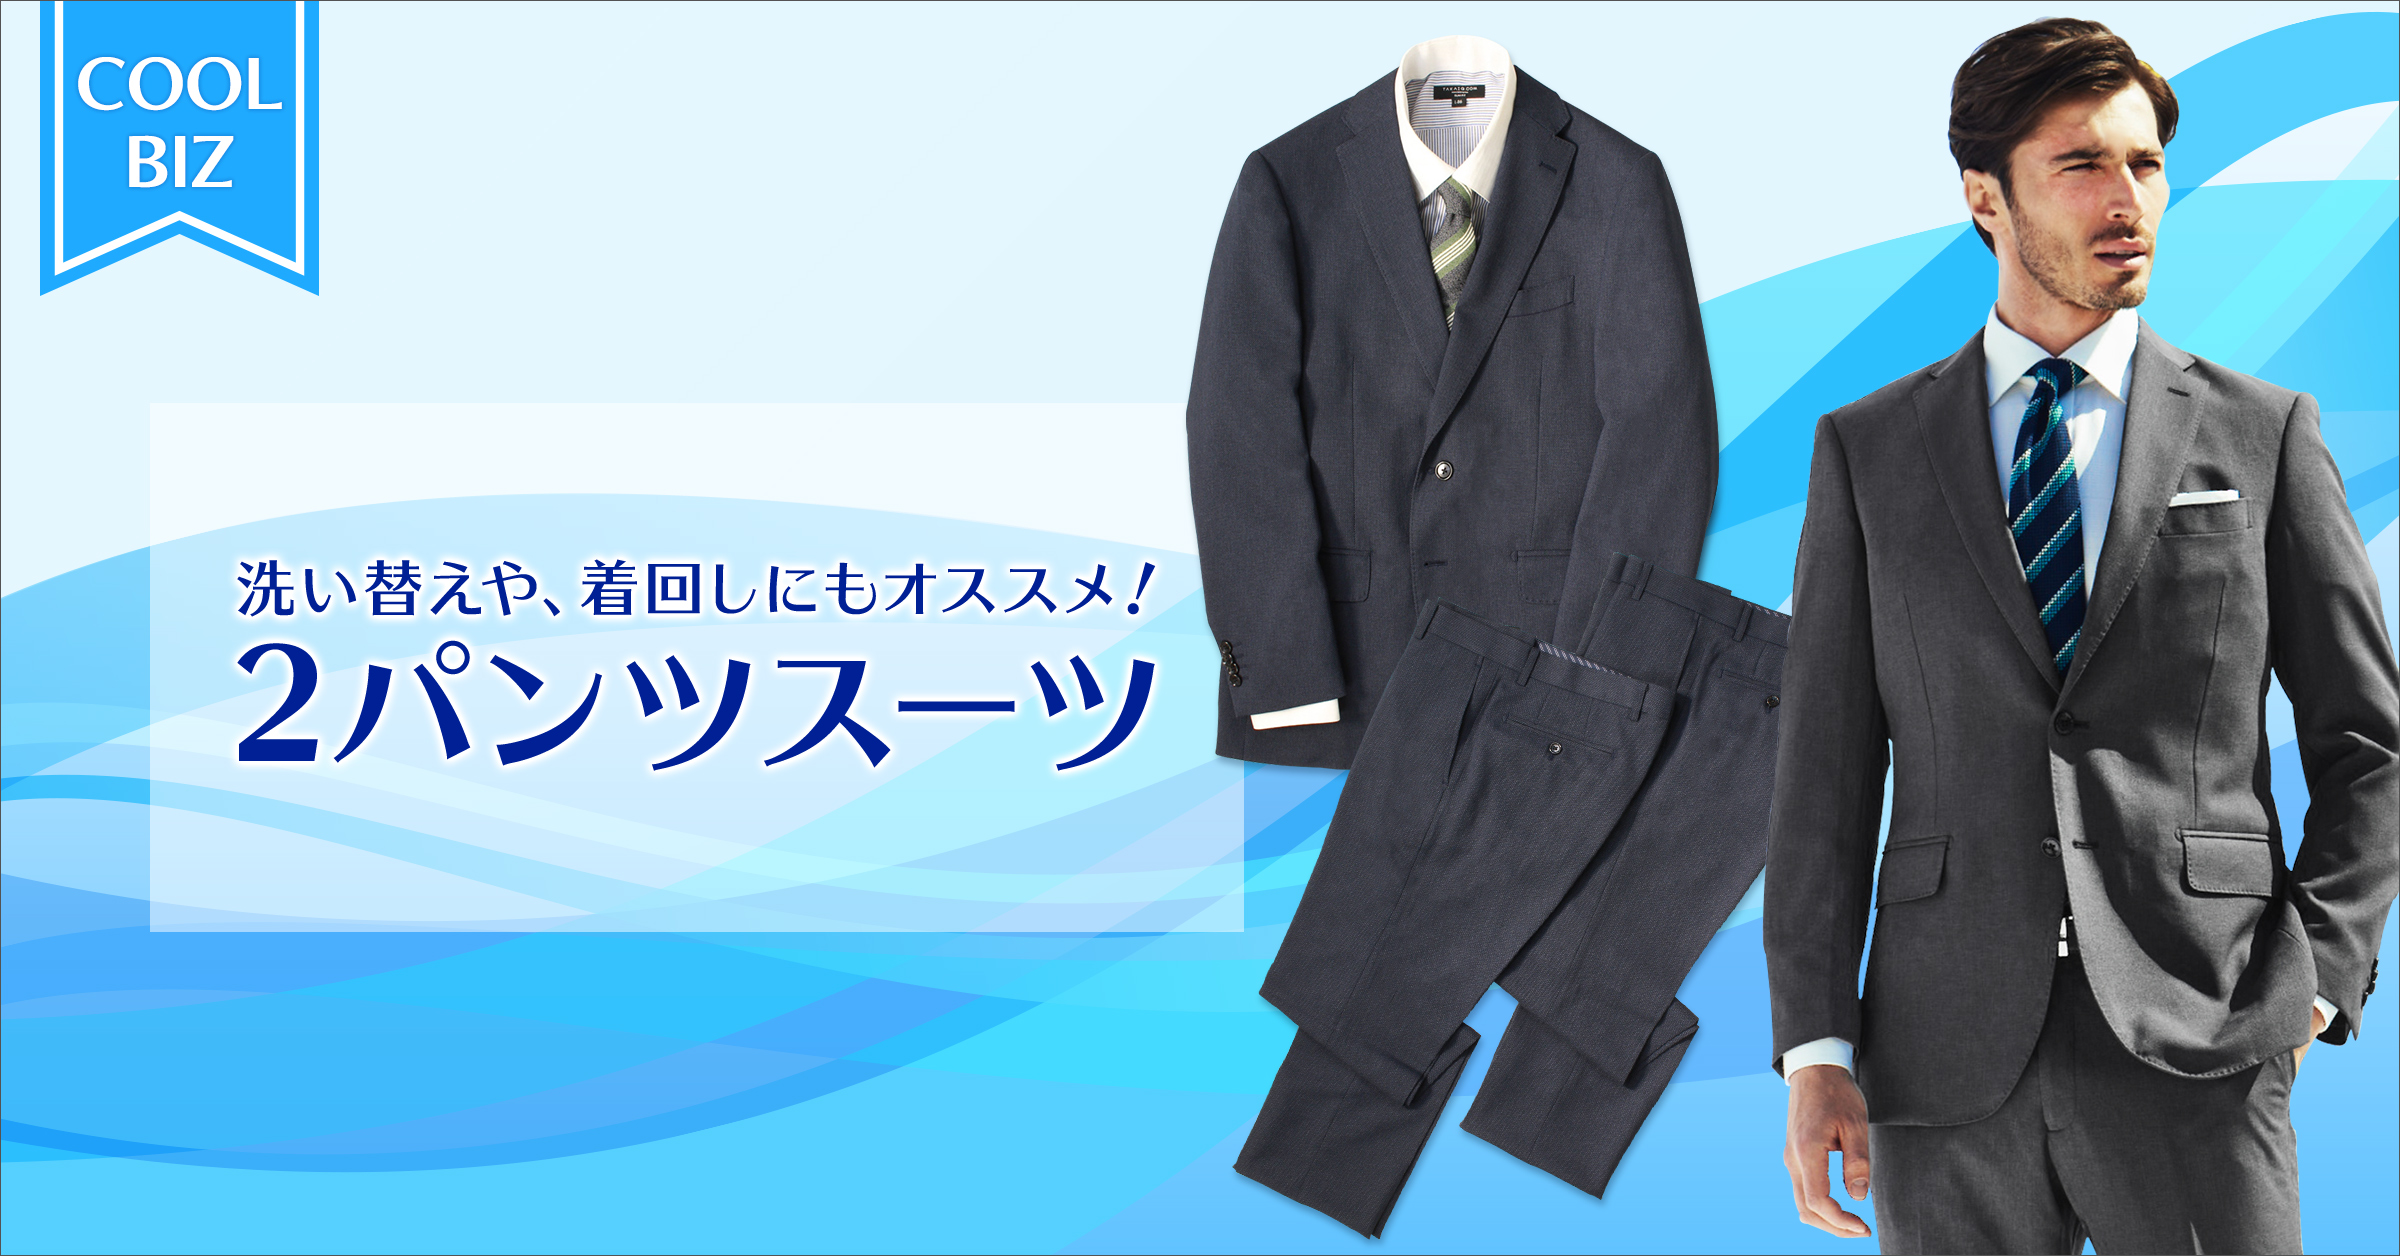 洗い替えや、着回しにもオススメ! 2パンツスーツ